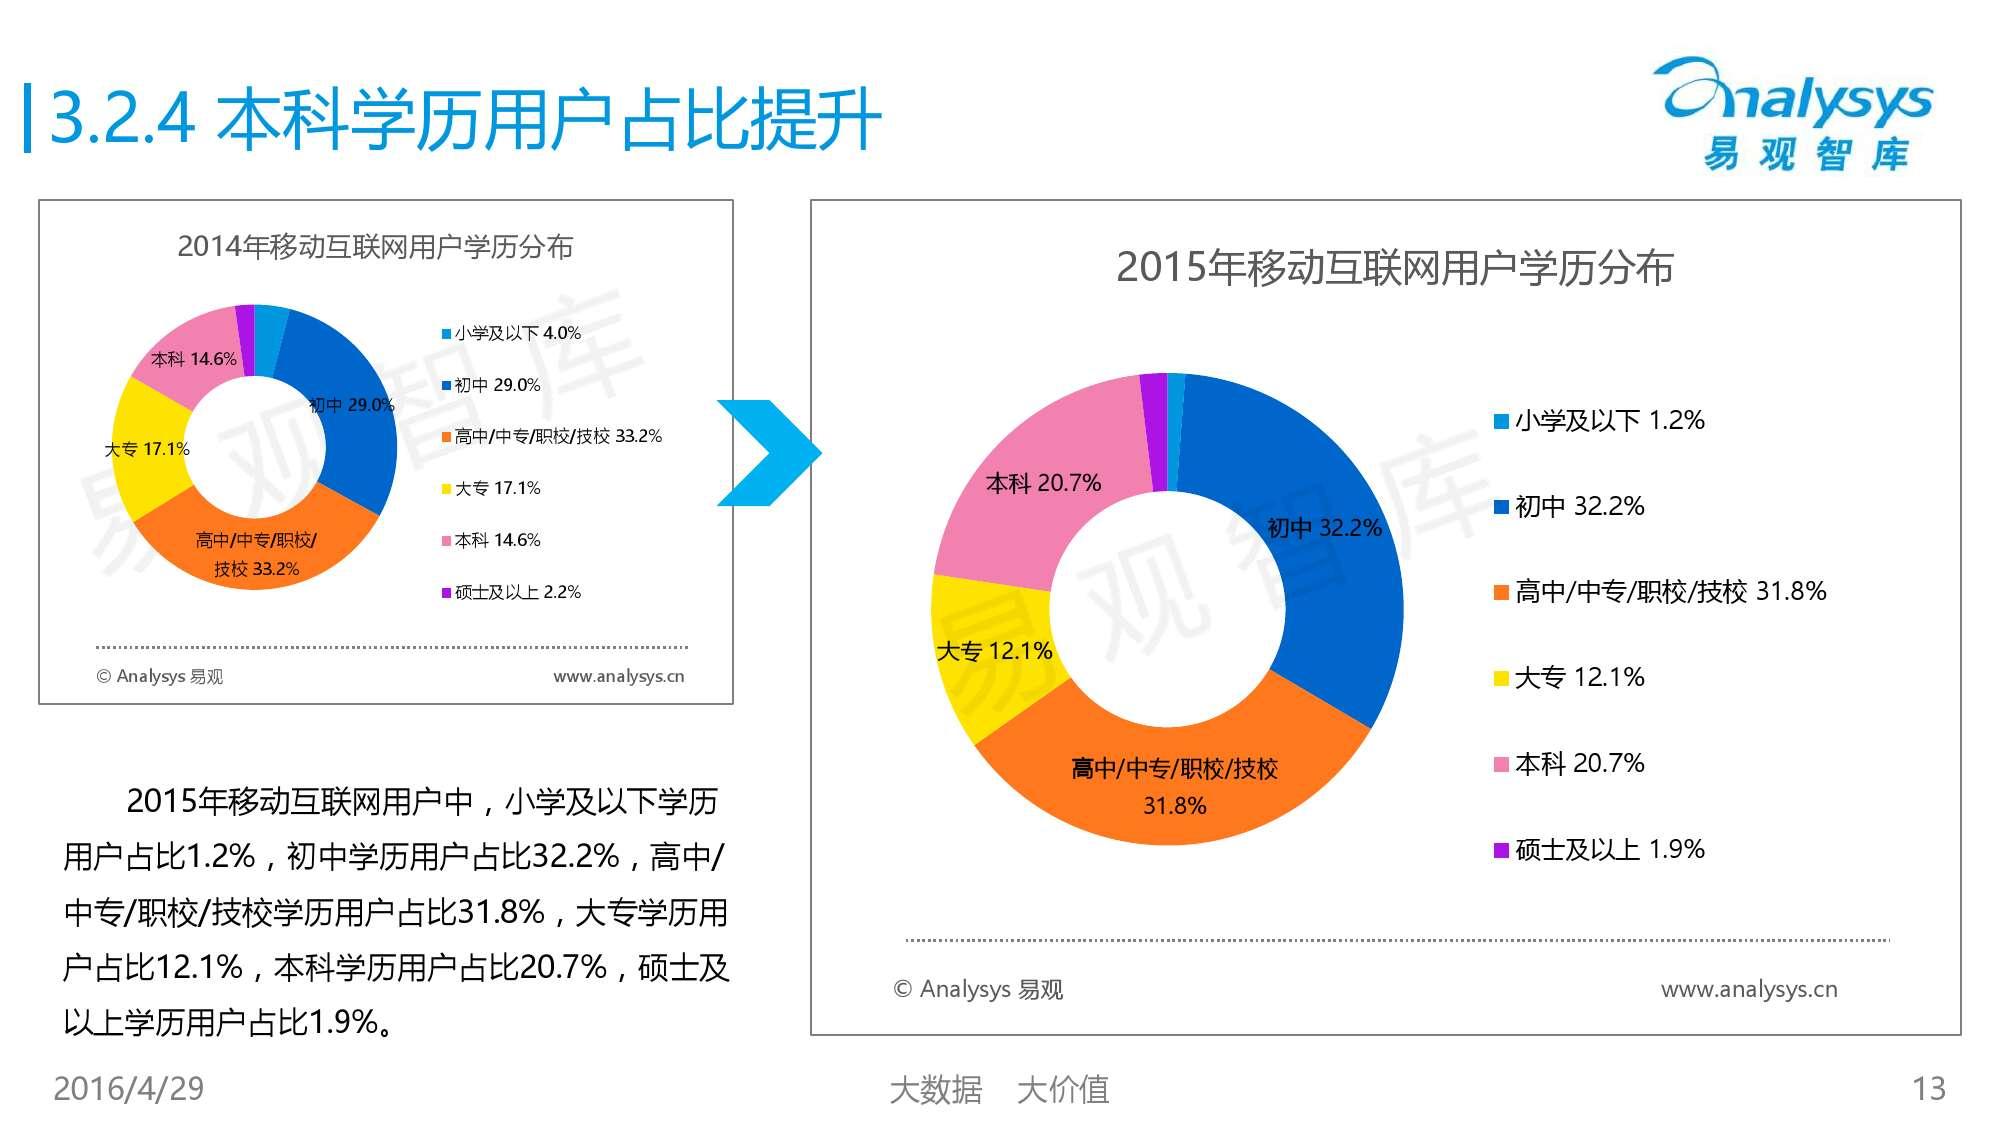 中国移动互联网用户行为统计报告2016_000013